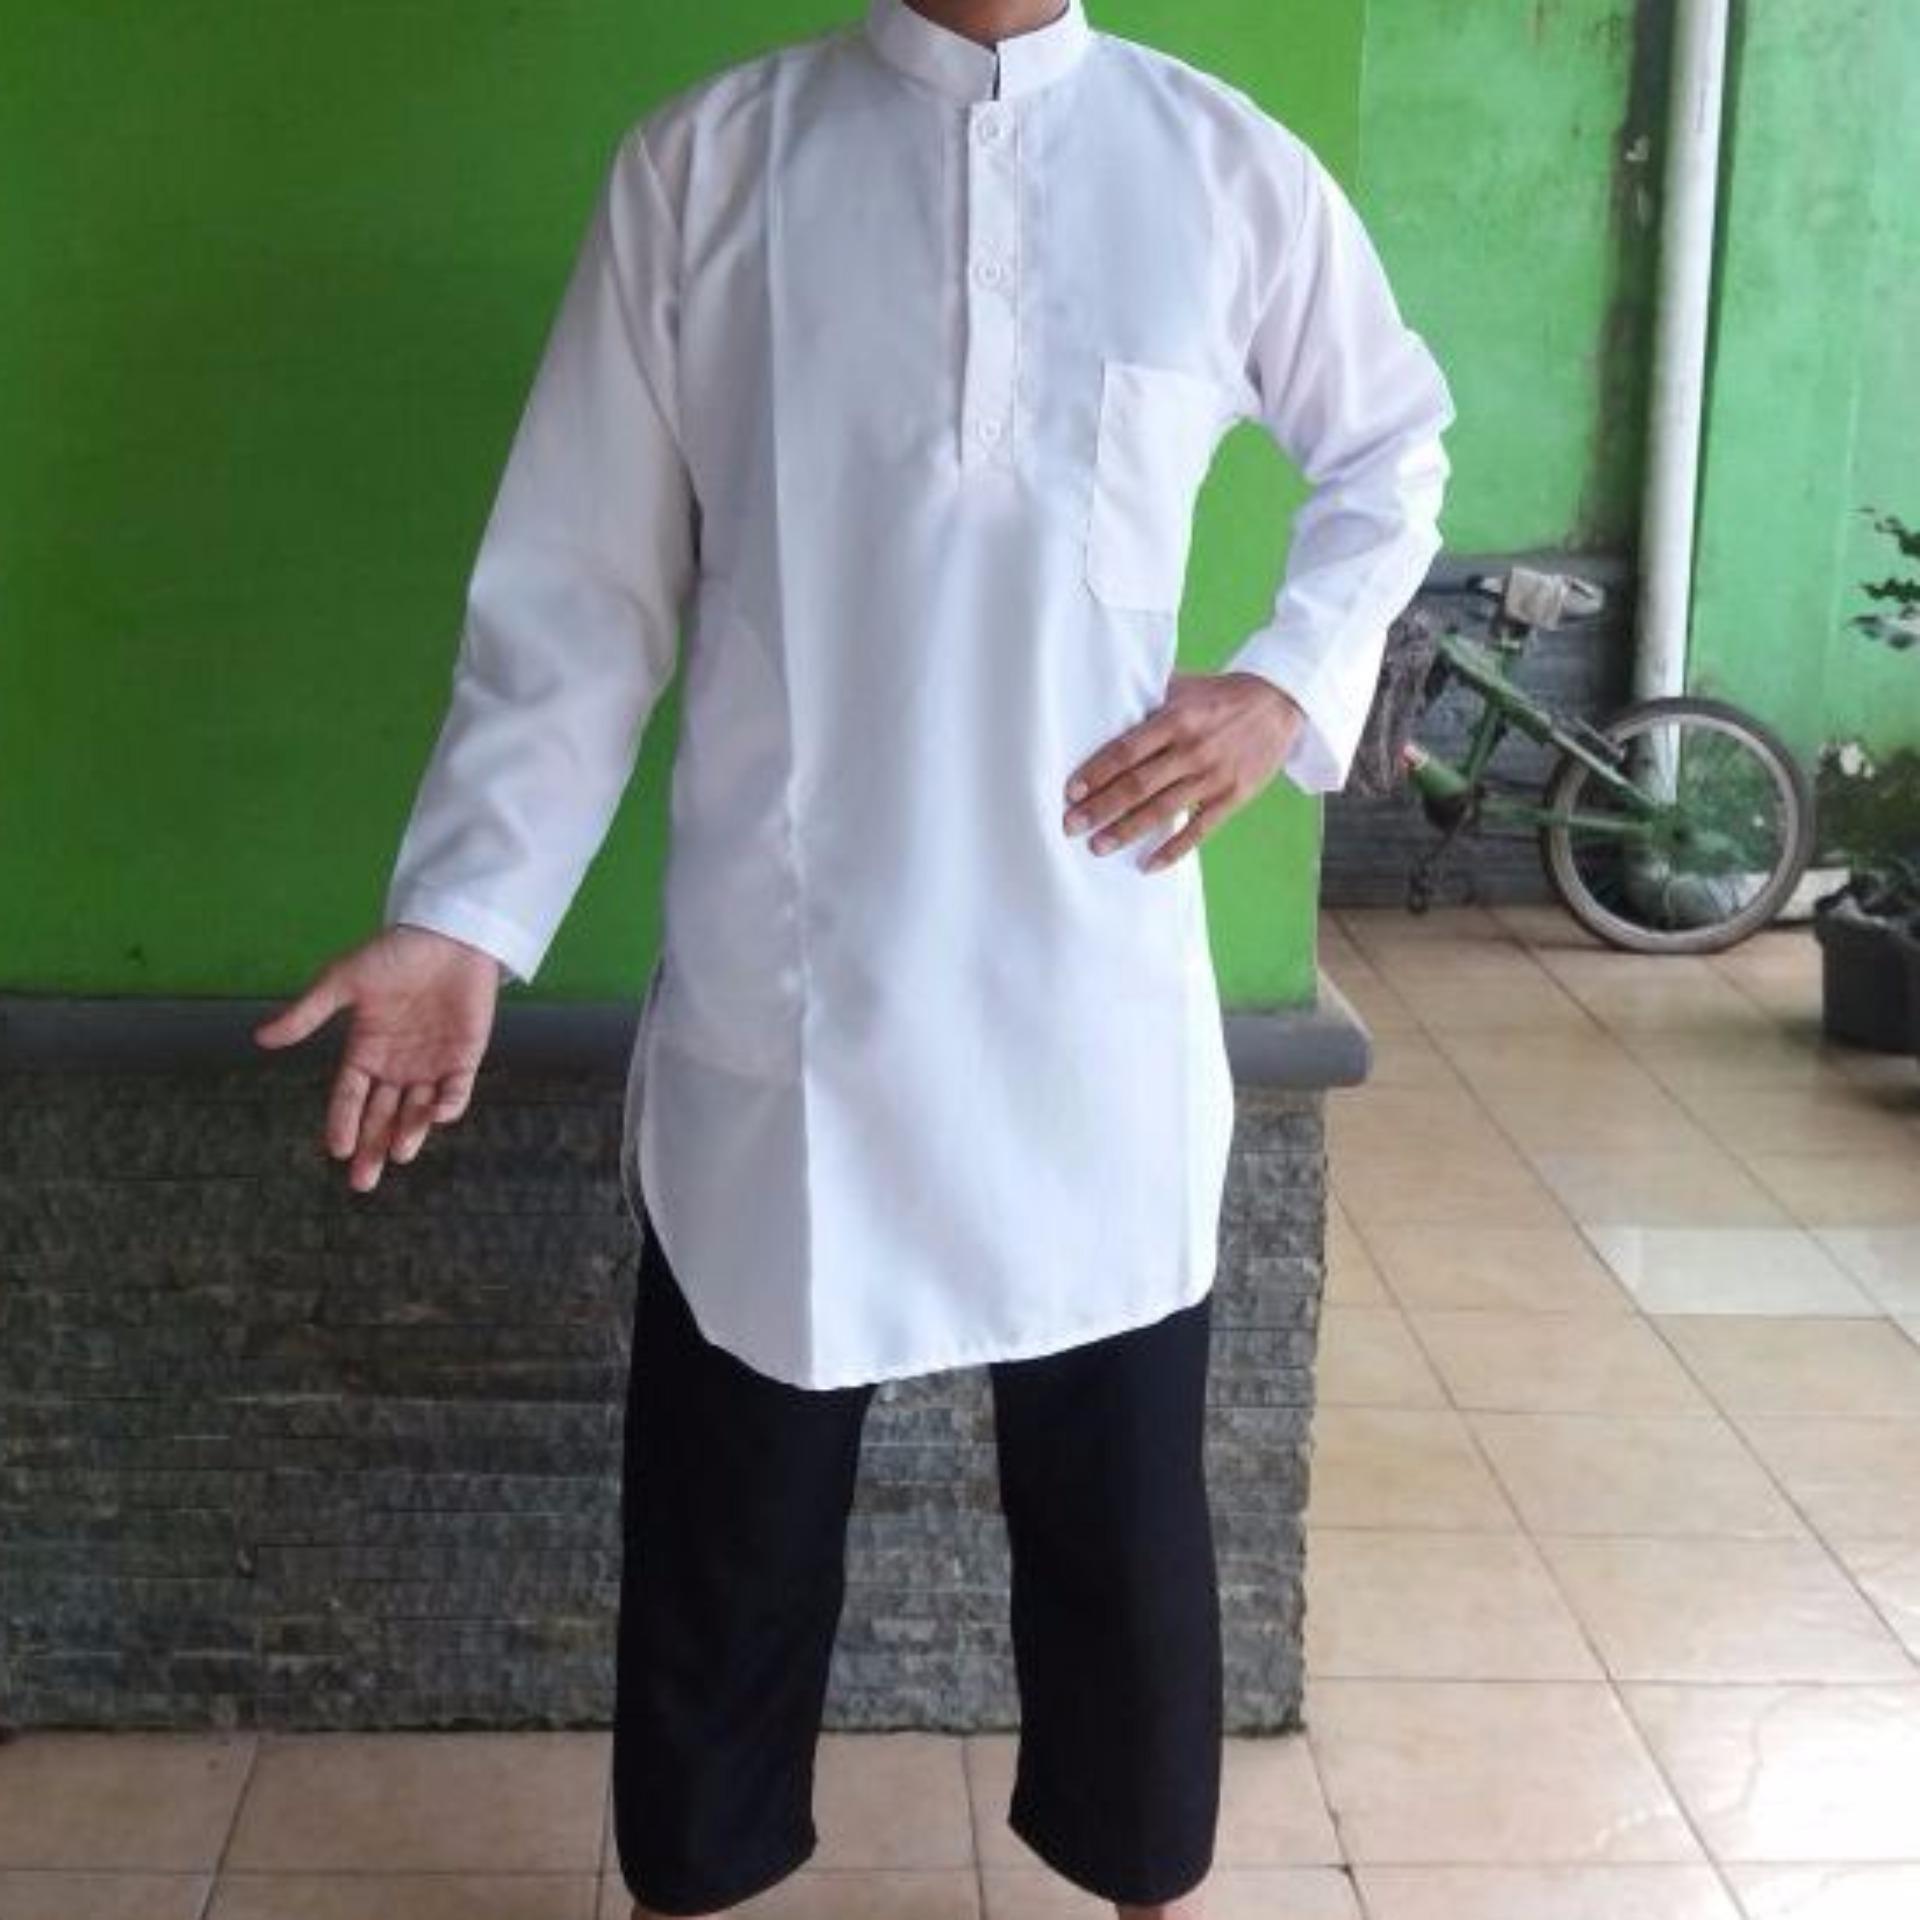 Baju Gamis Putih Polos Gamis Pria Gamis Pakistan Muslim Wear Murah Di Jawa Barat